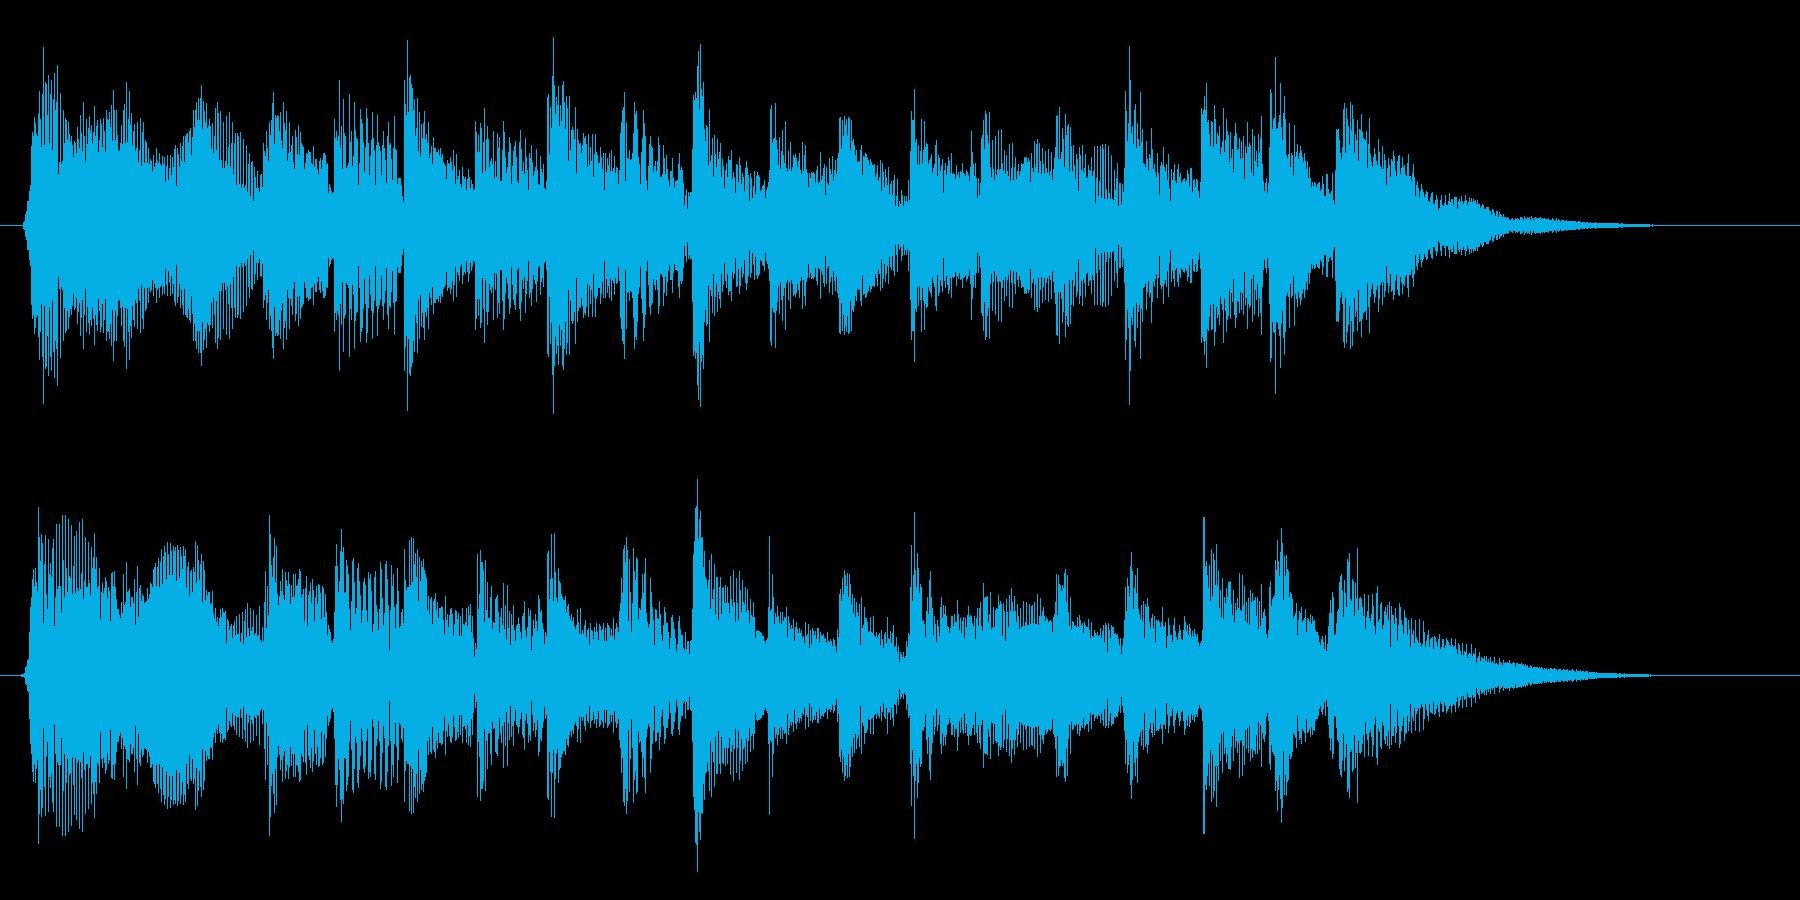 生演奏によるアコギの豊かで温かなジングルの再生済みの波形